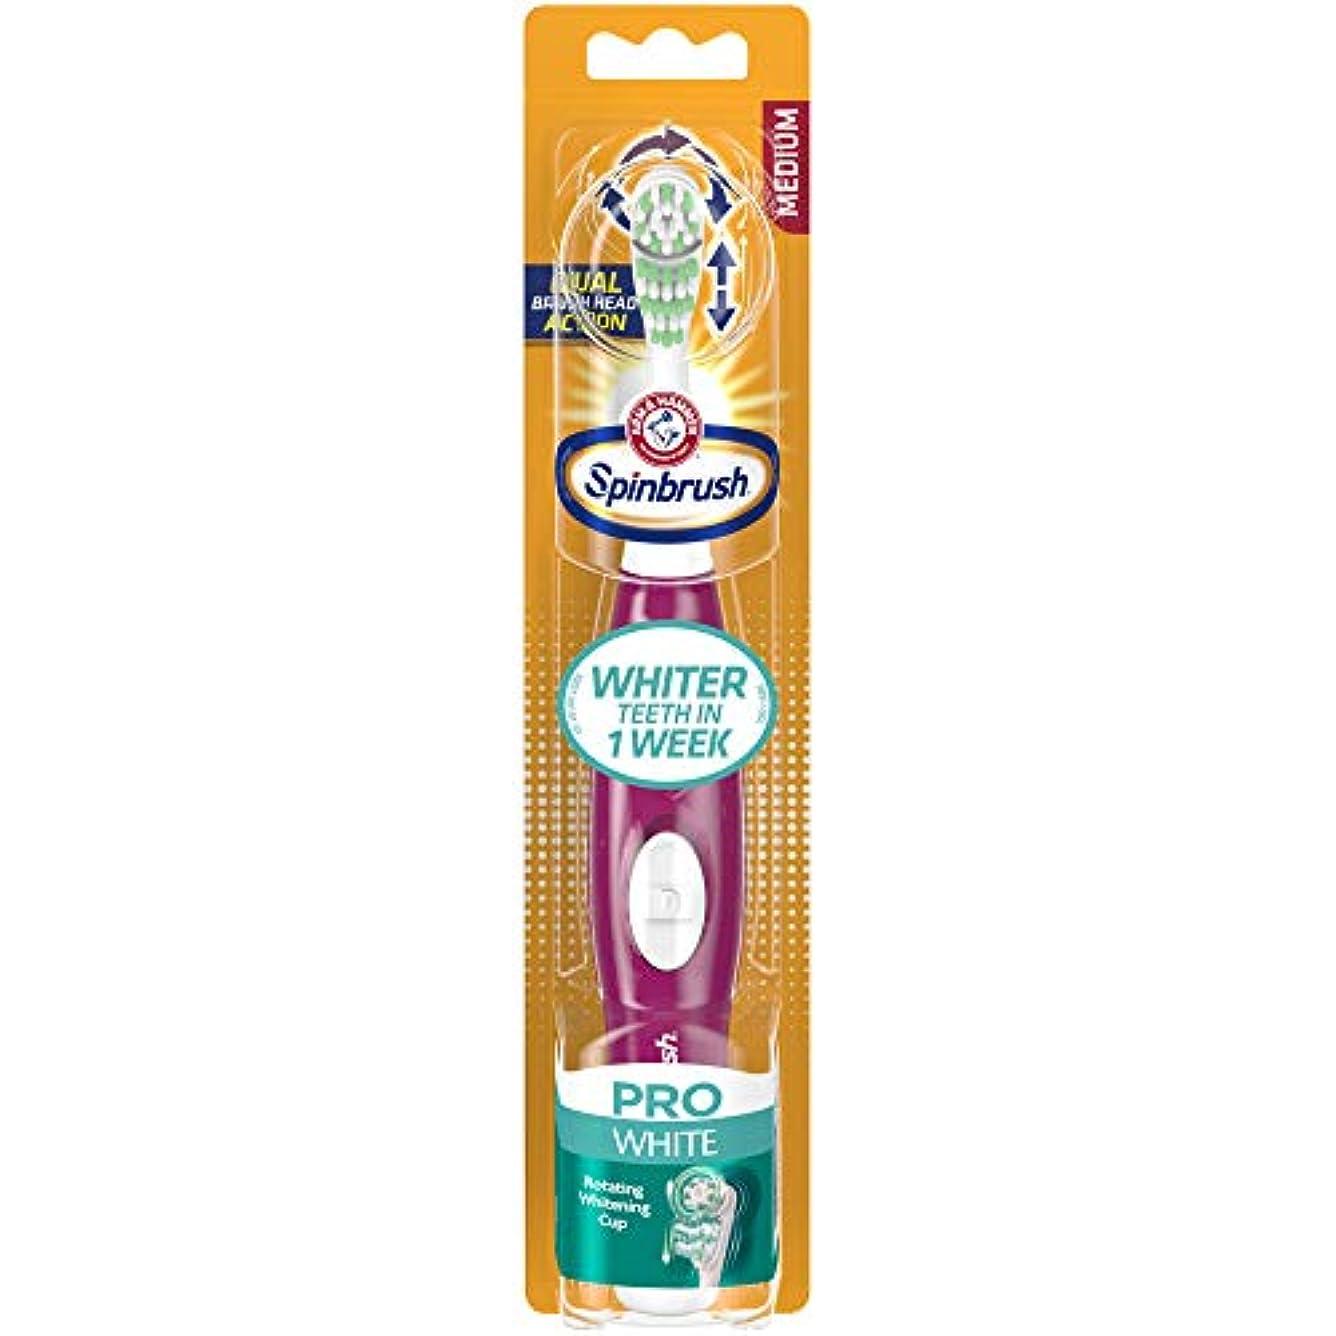 可愛いバイバイラブSpinbrush プロシリーズウルトラホワイト歯ブラシ、中1 Eaは 中